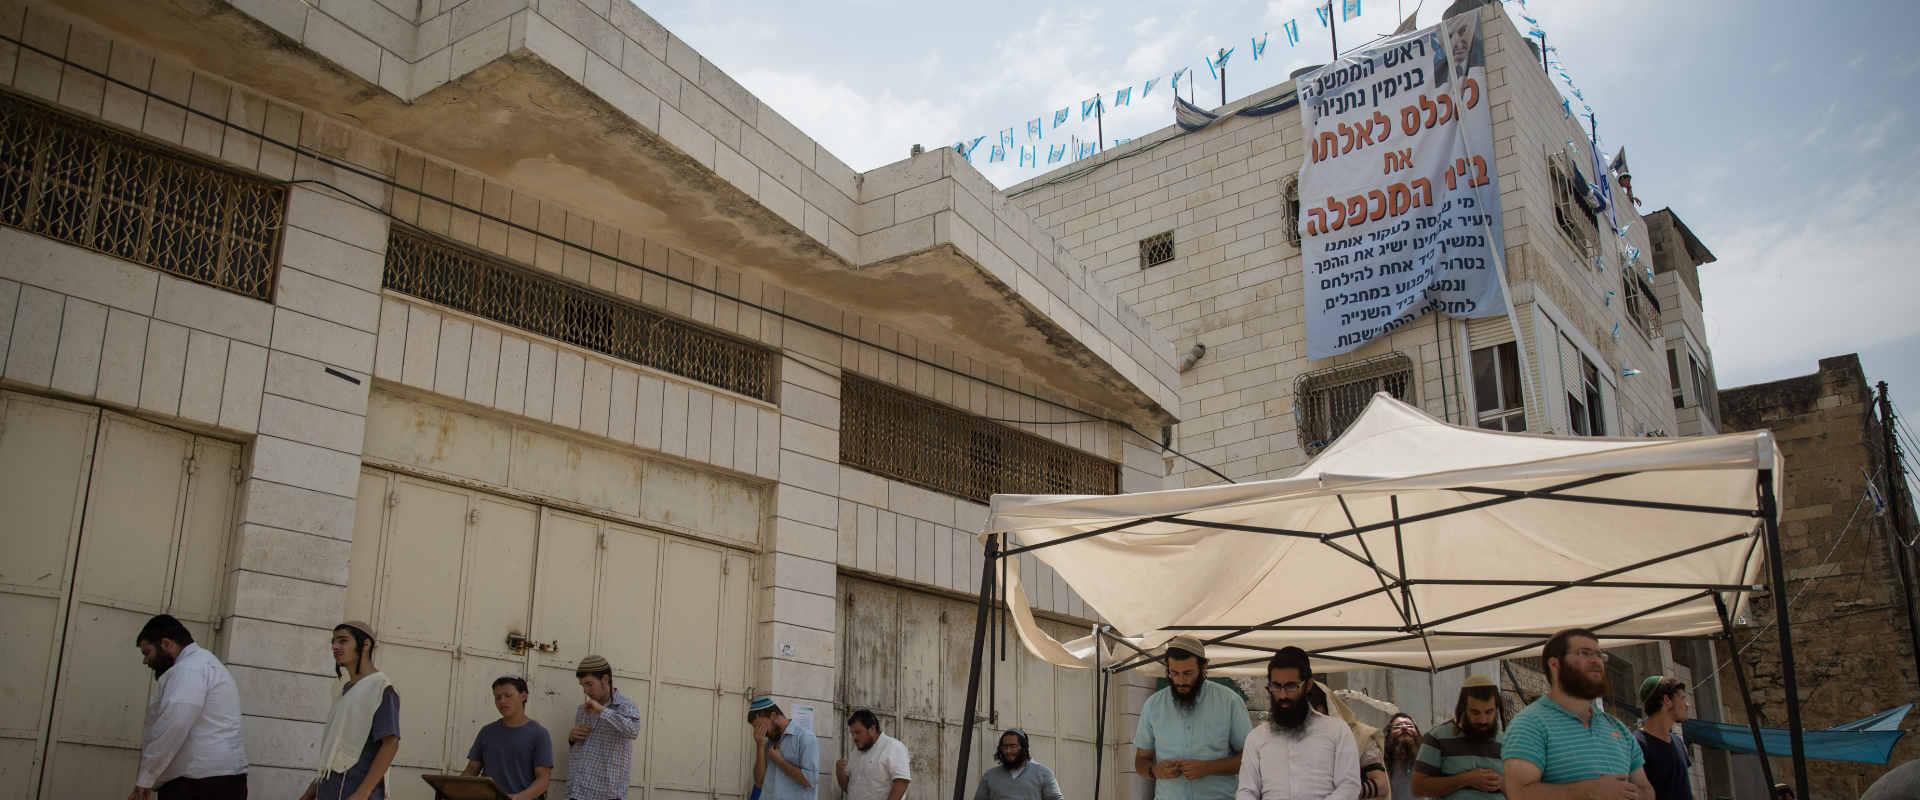 מתפללים מחוץ לבית המכפלה בחברון, ביולי